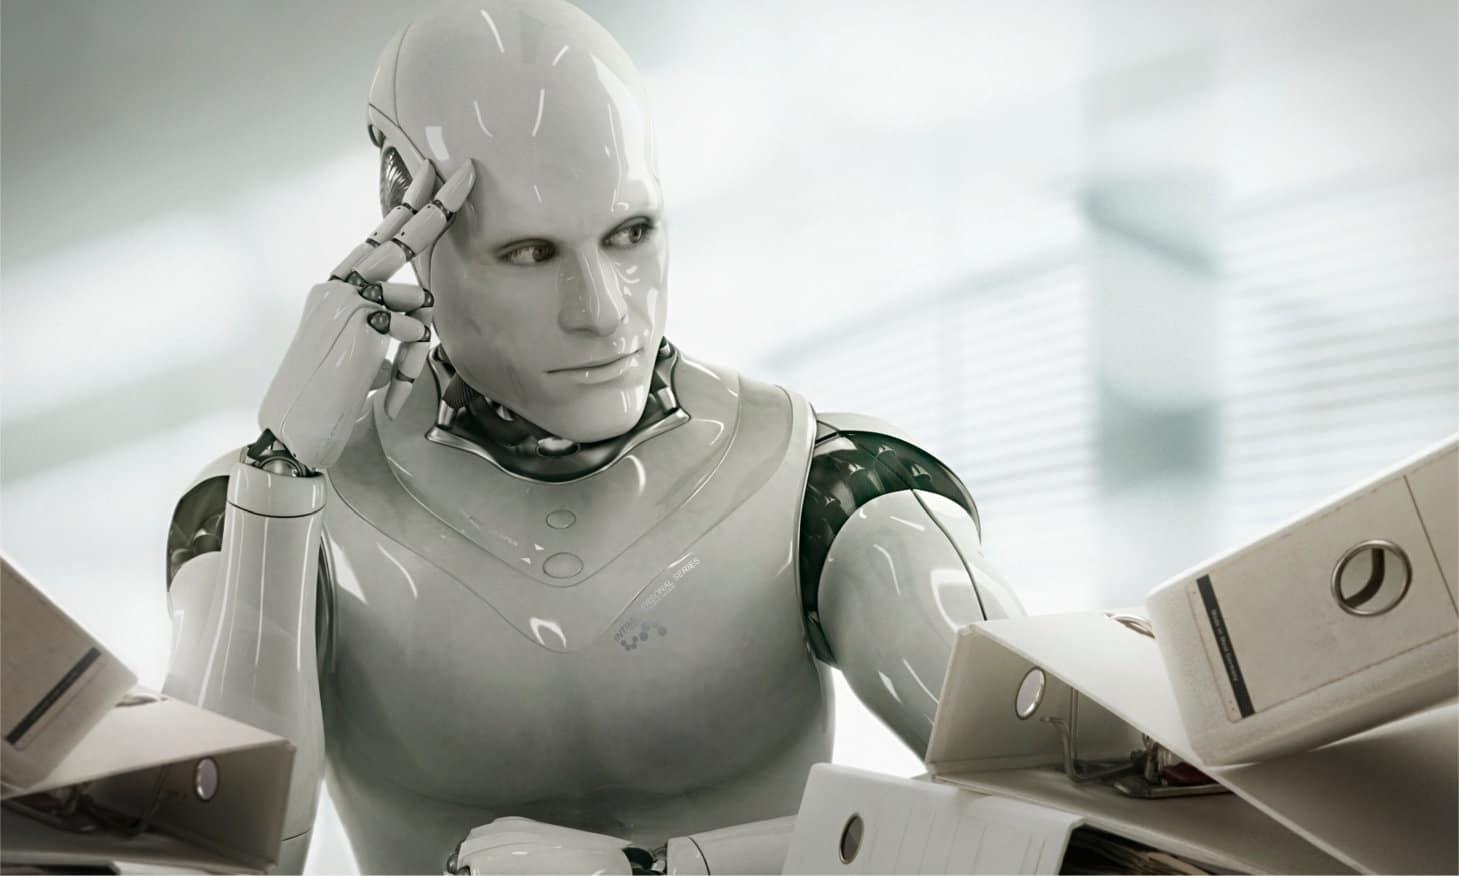 صورة التنافس بين الكمبيوتر والعقل البشري 3